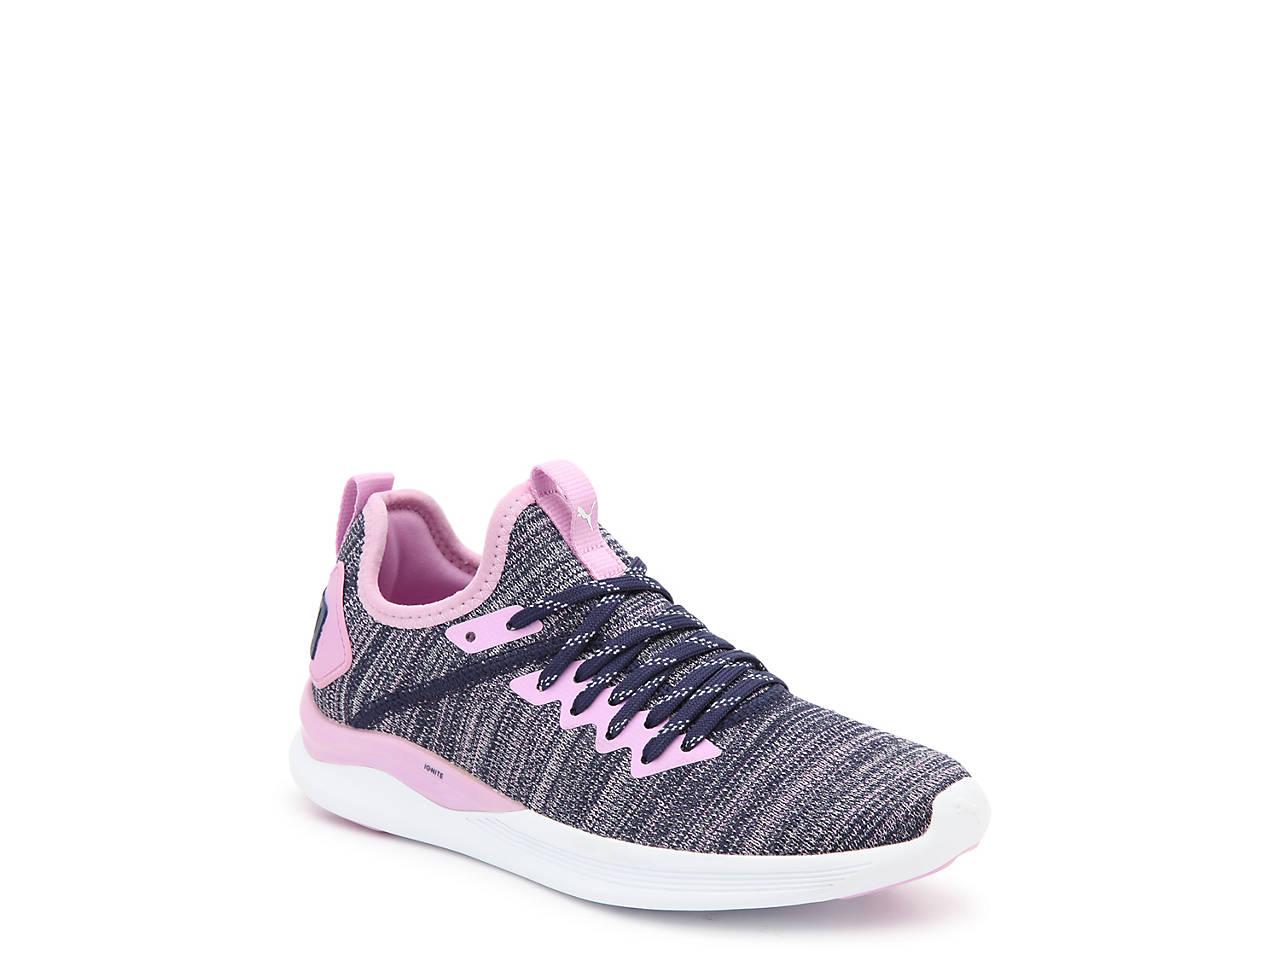 buy popular bb602 68427 Ignite Flash Evoknit Sneaker - Kids'